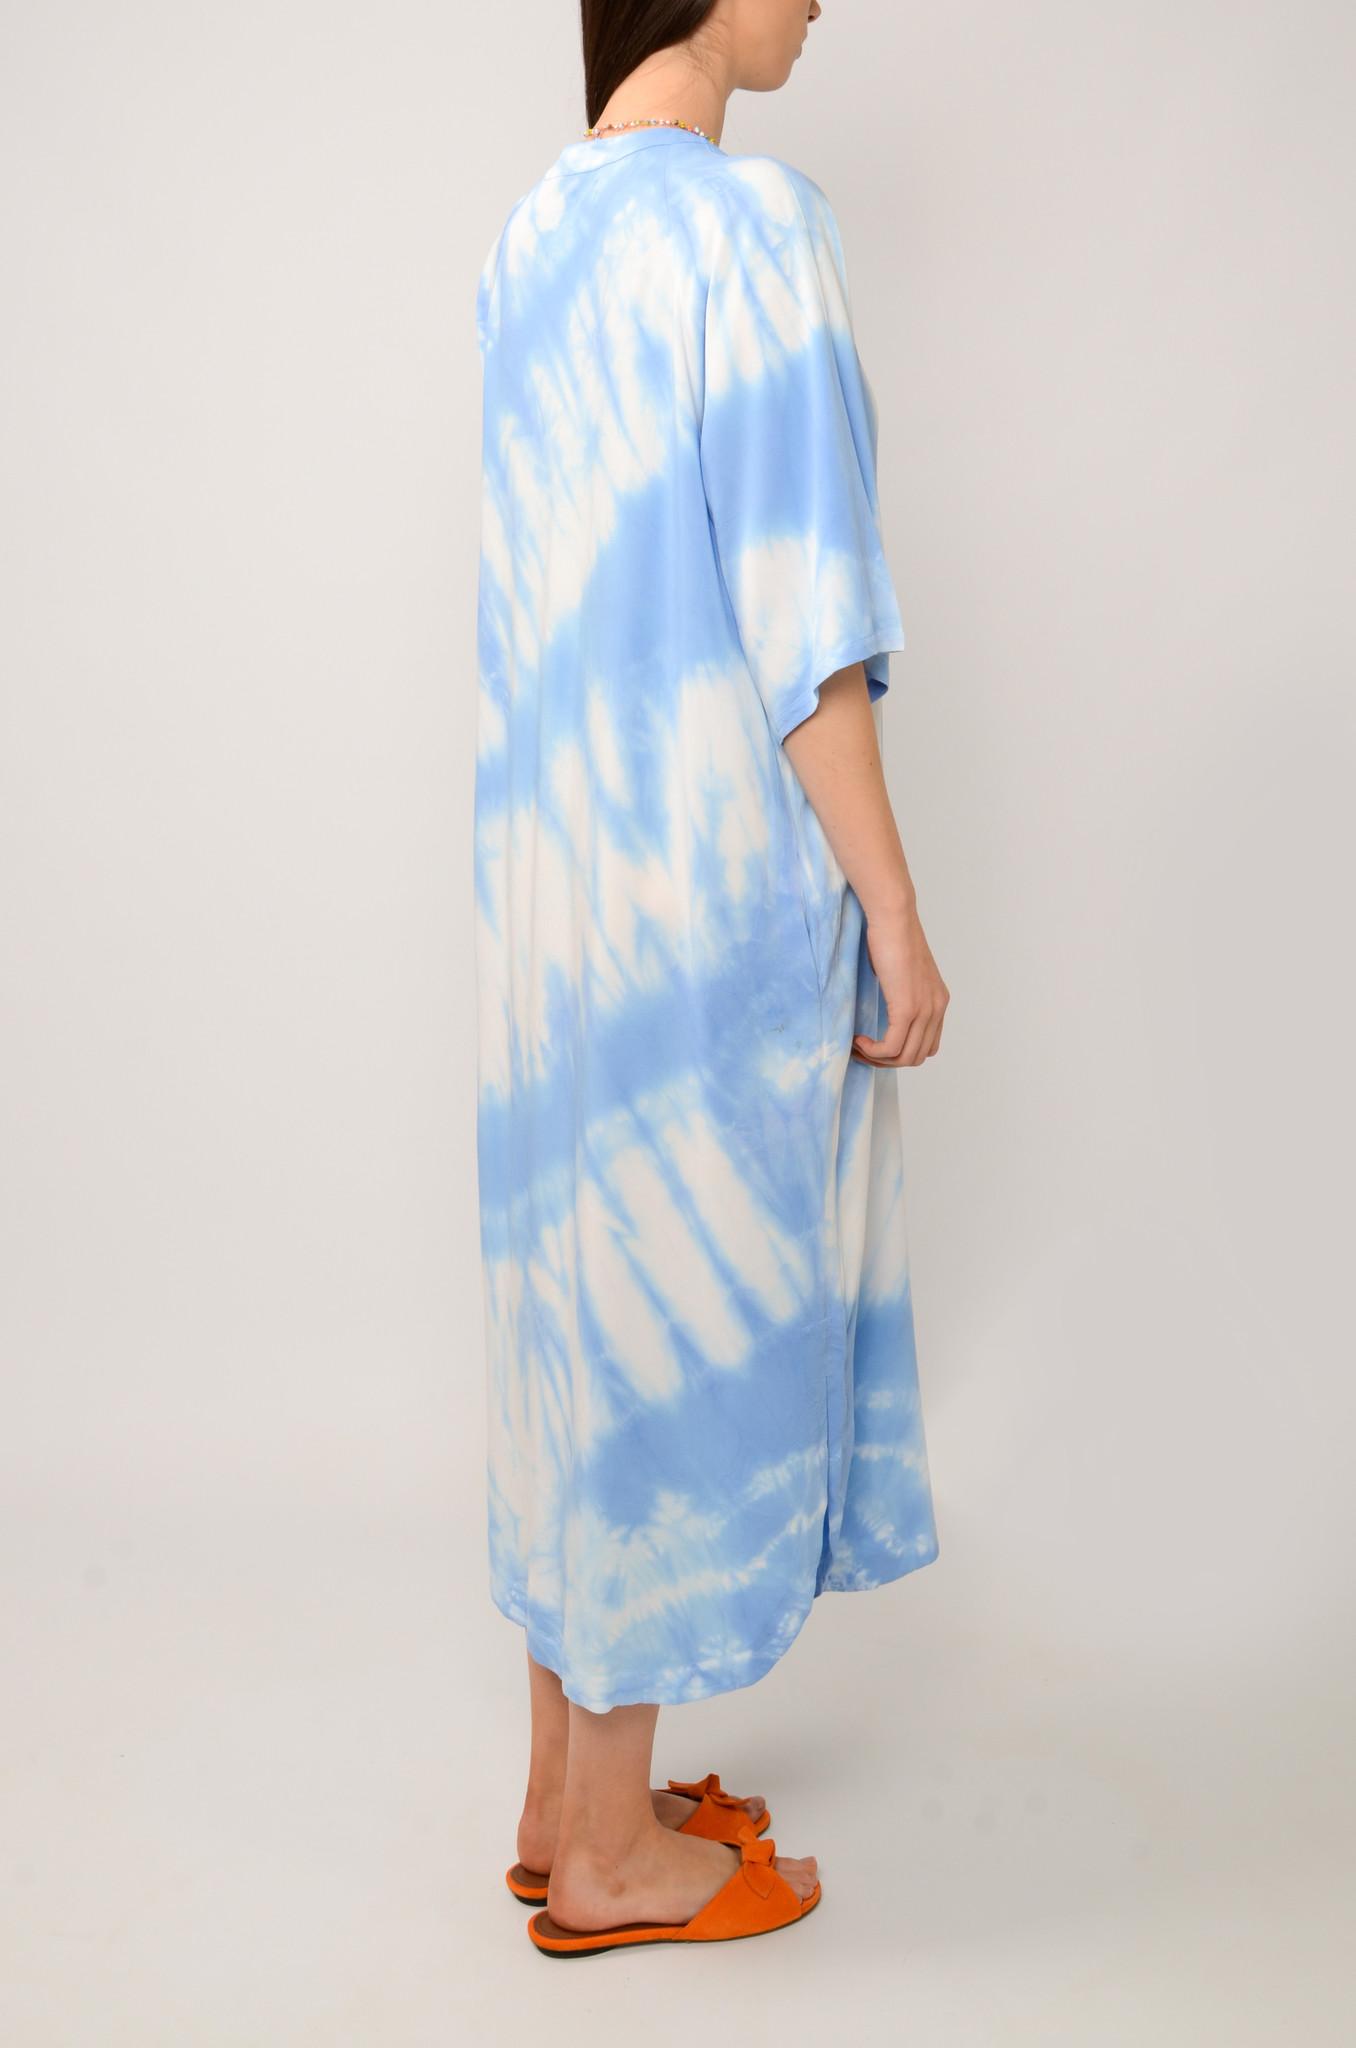 OCEAN BREEZE DRESS IN SKY BLUE-4